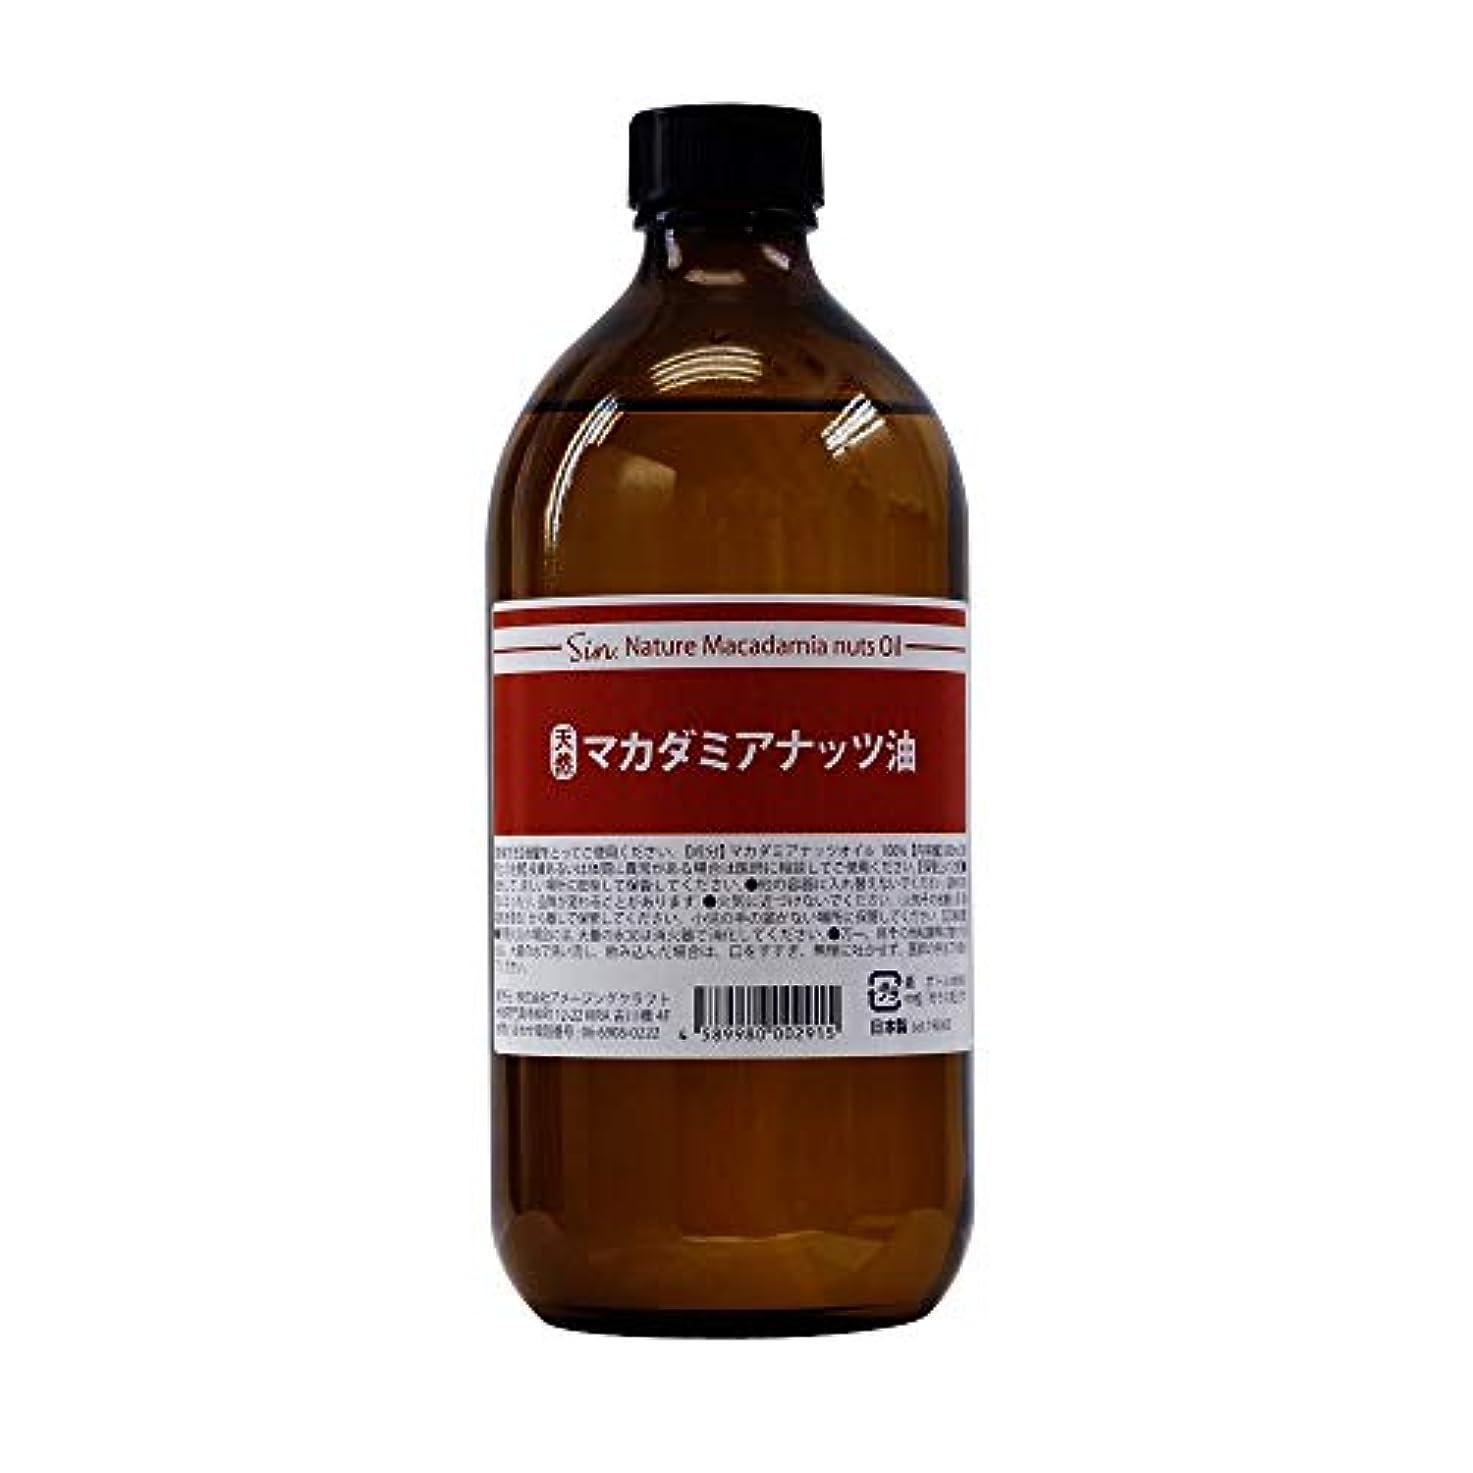 エーカービジョンエイリアス天然無添加 国内精製 マカダミアナッツオイル 500ml